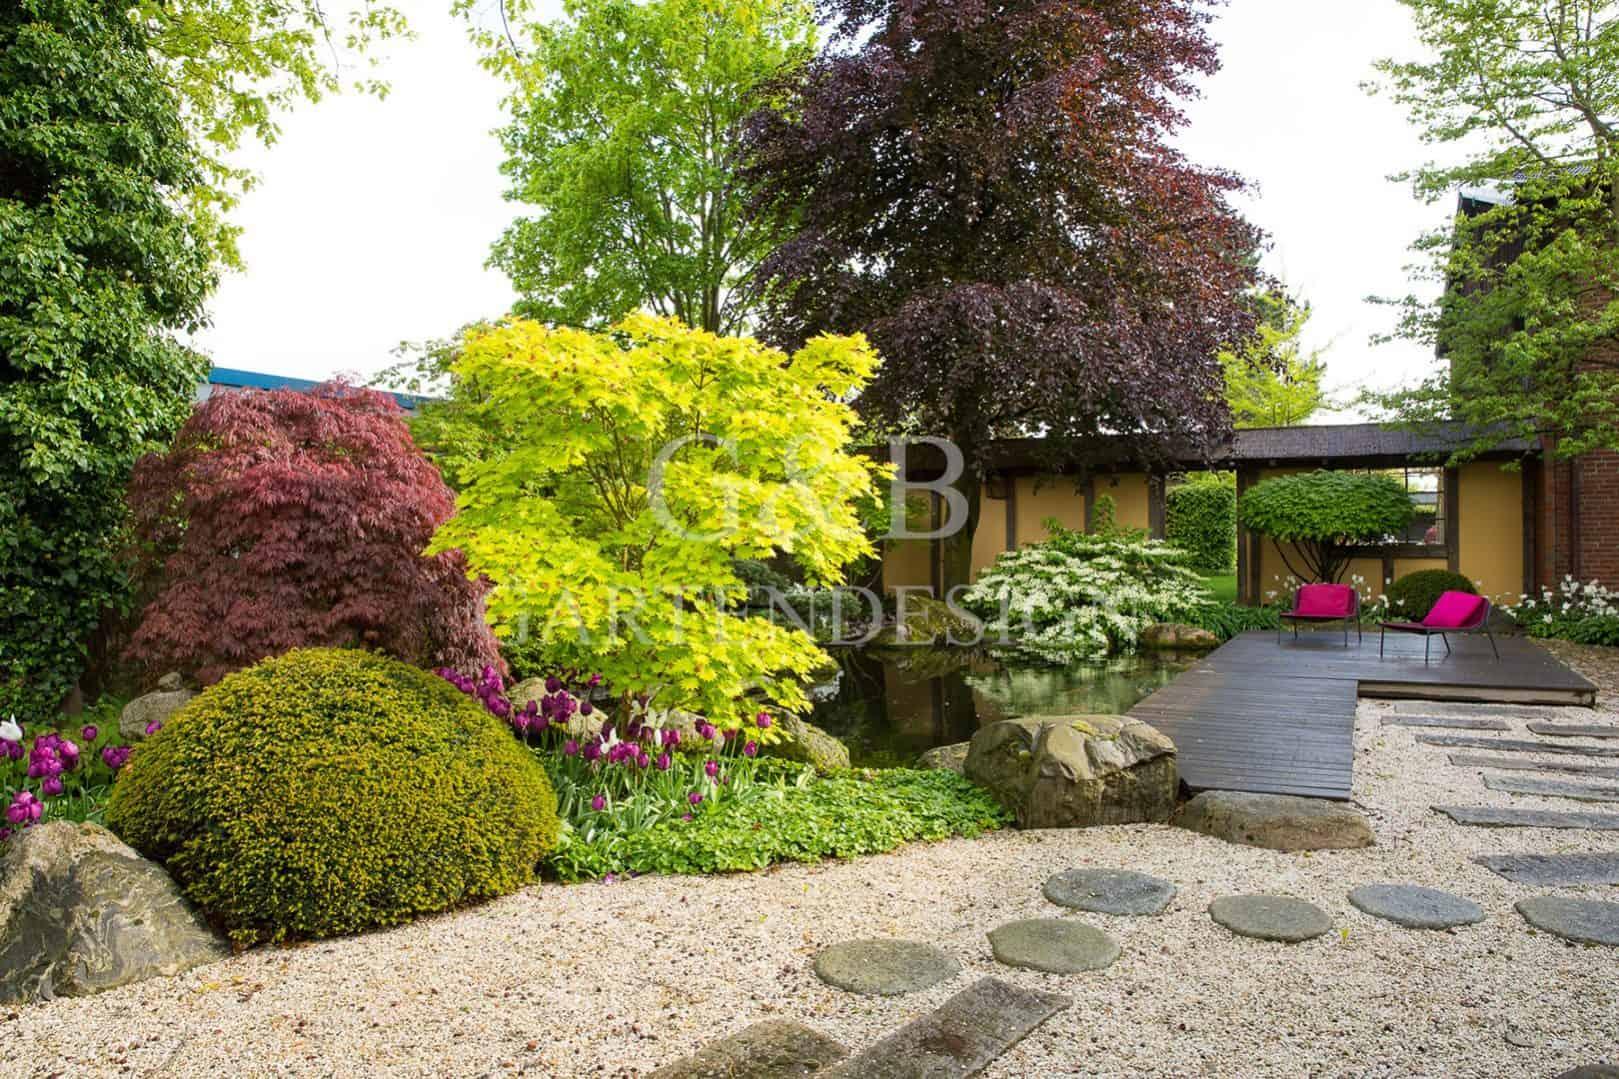 Japanischen Garten Anlegen Chinesischer Garten Anlegen